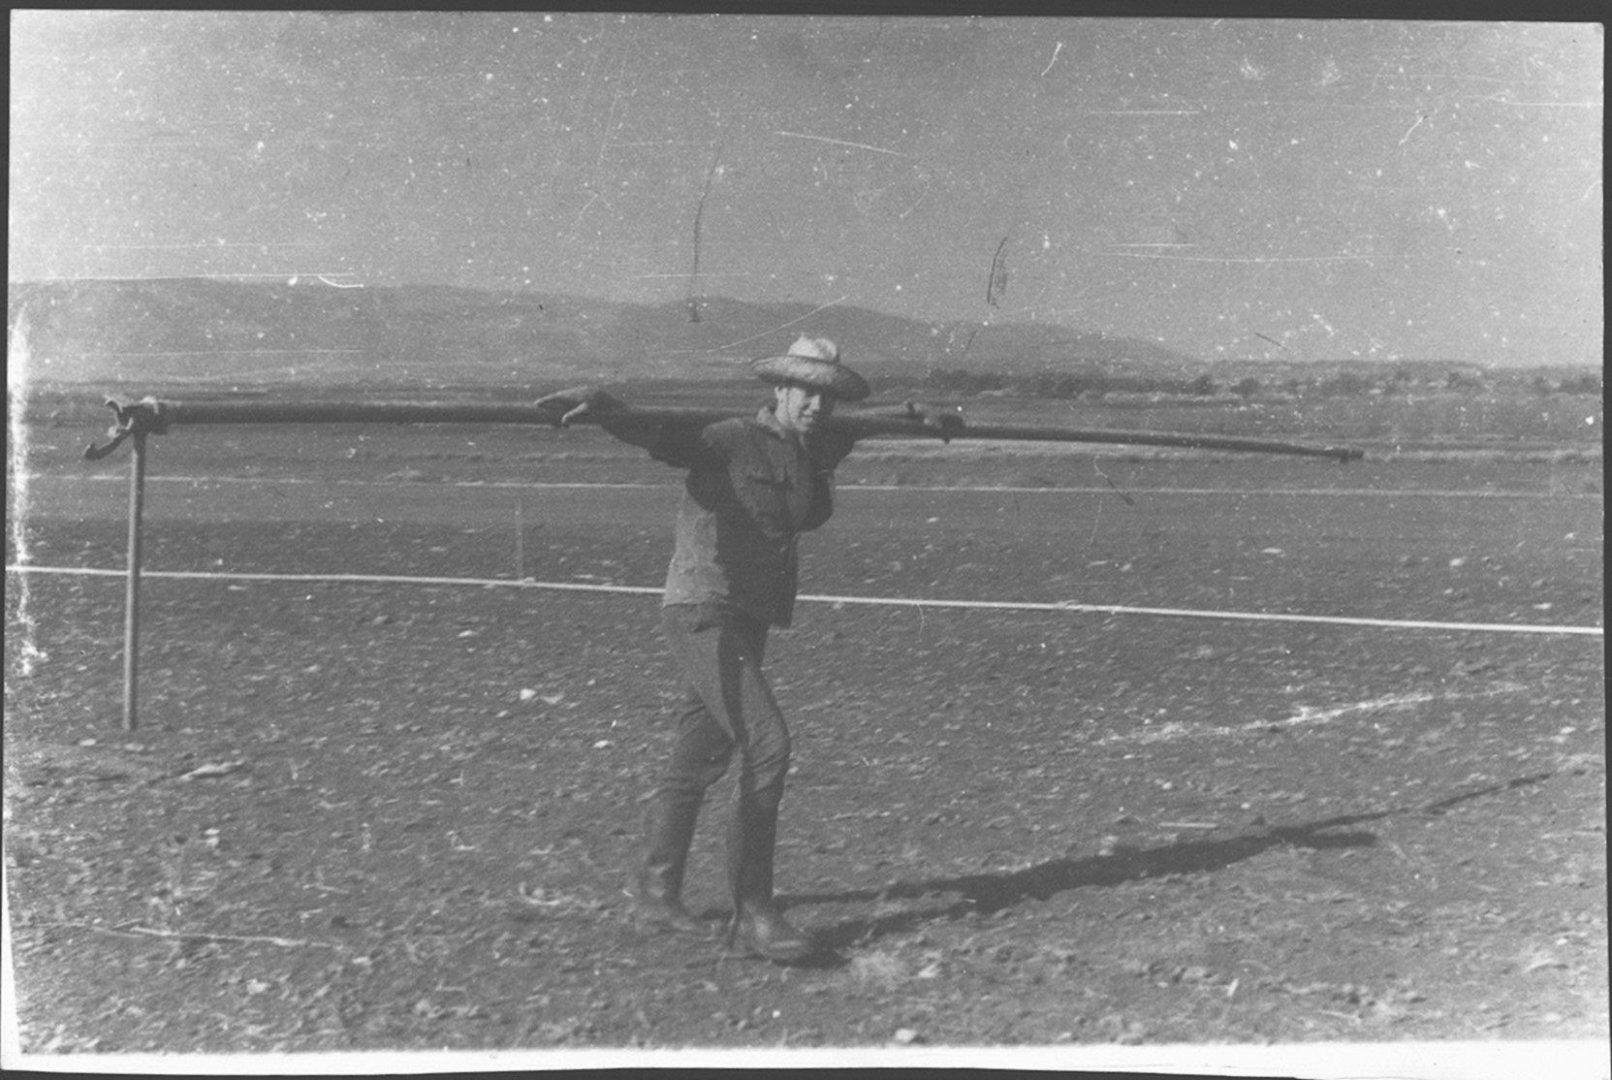 חורף 1964 גברי צור אוסף קווי השקייה